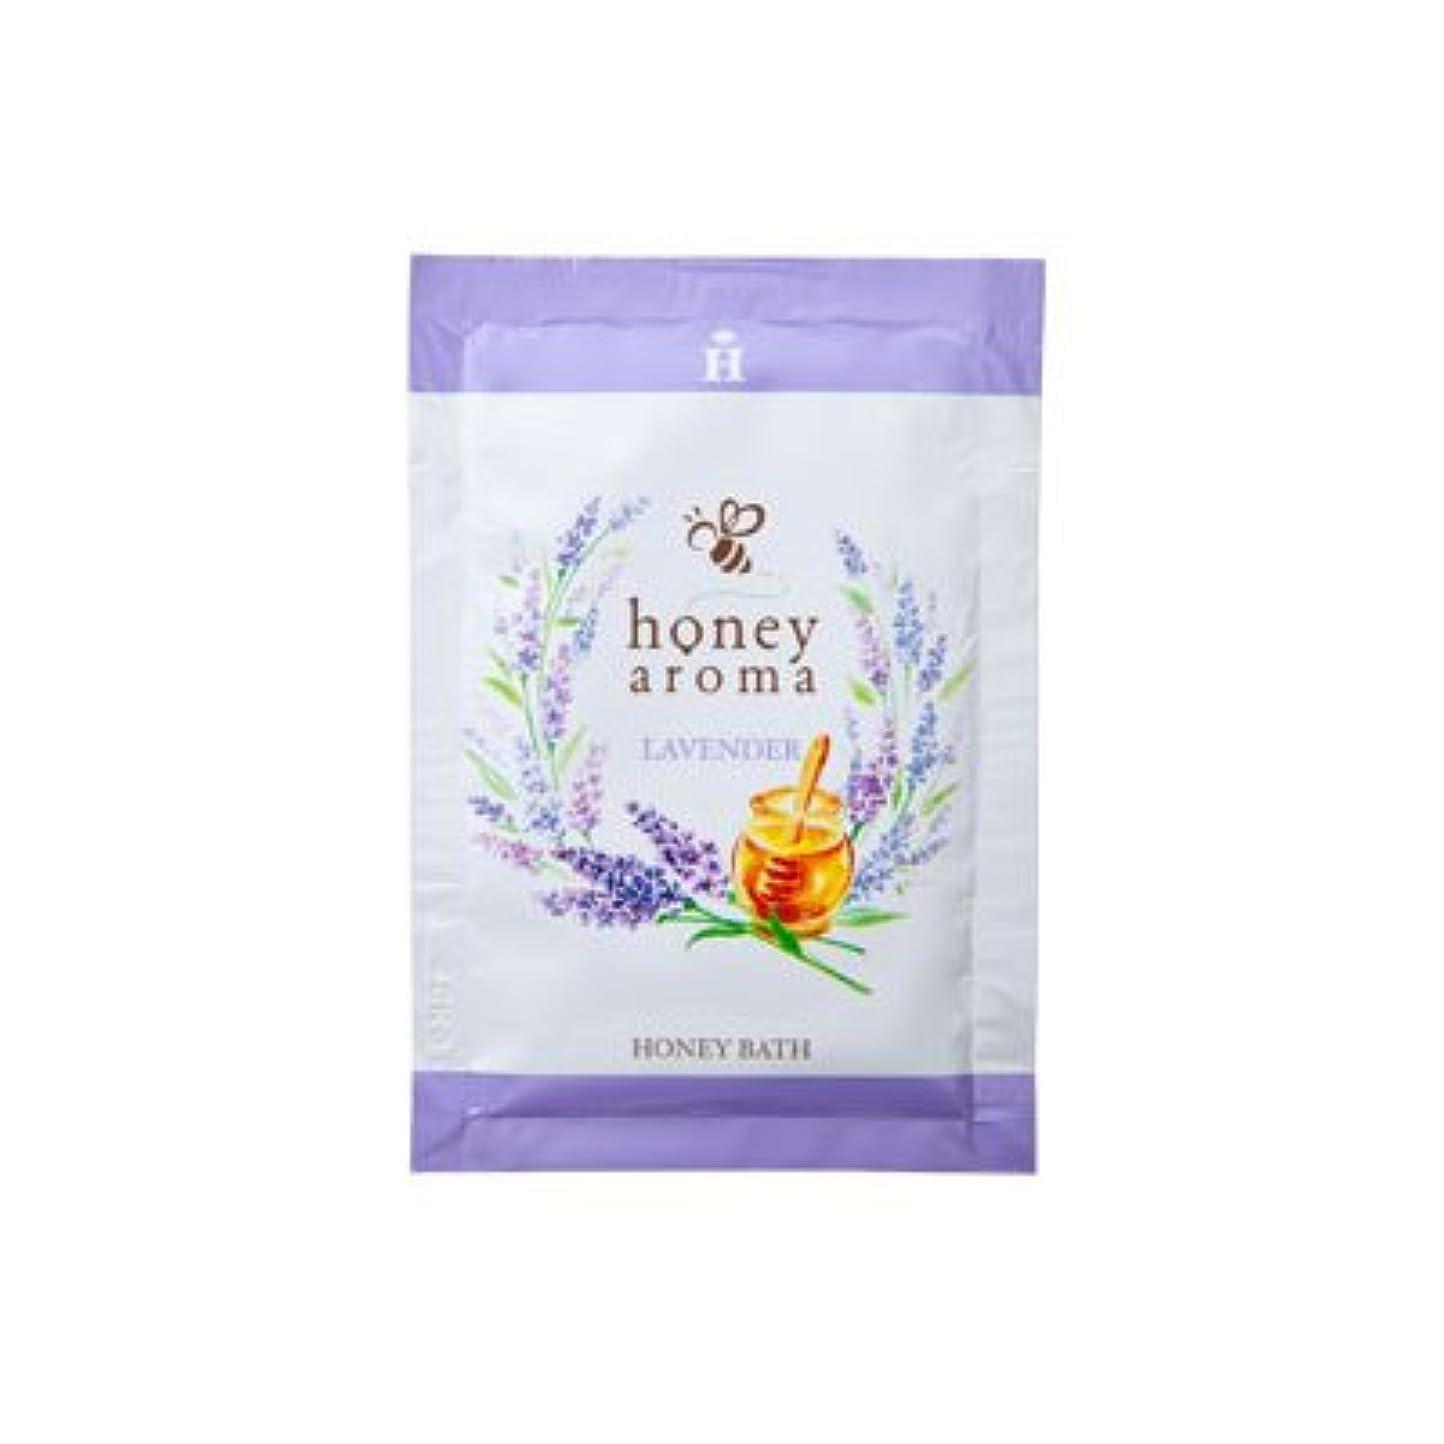 韓国いちゃつく後継ハニーアロマ ハニーバス(入浴剤) 5包(ラベンダーの香り)